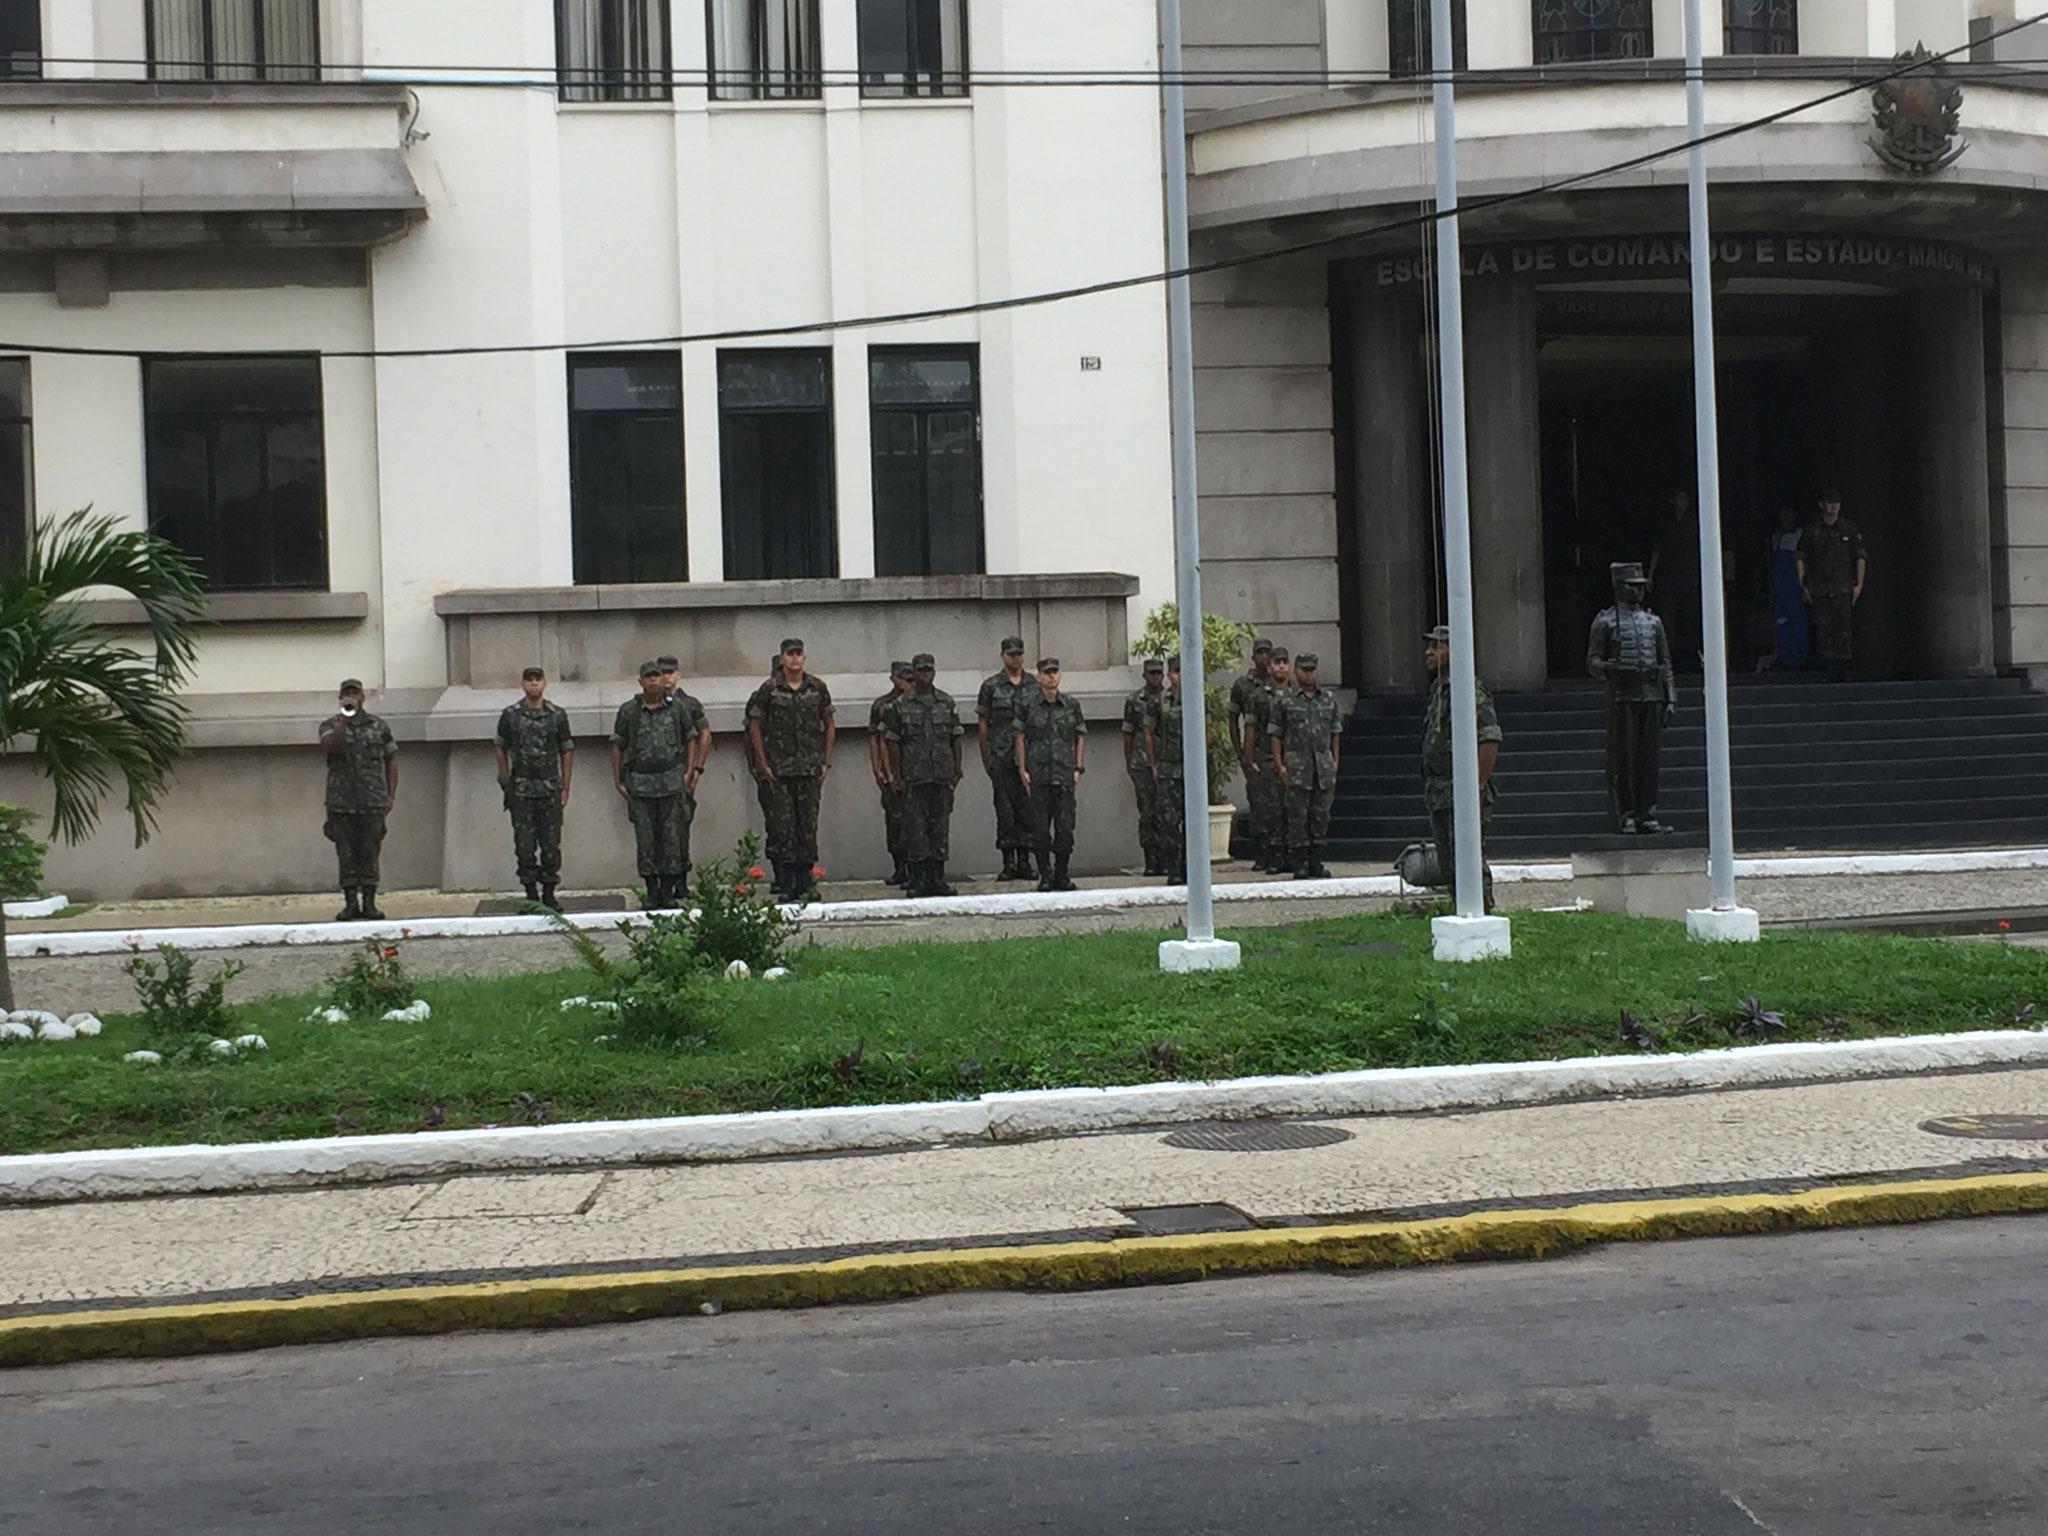 Militär neben dem Stellplatz